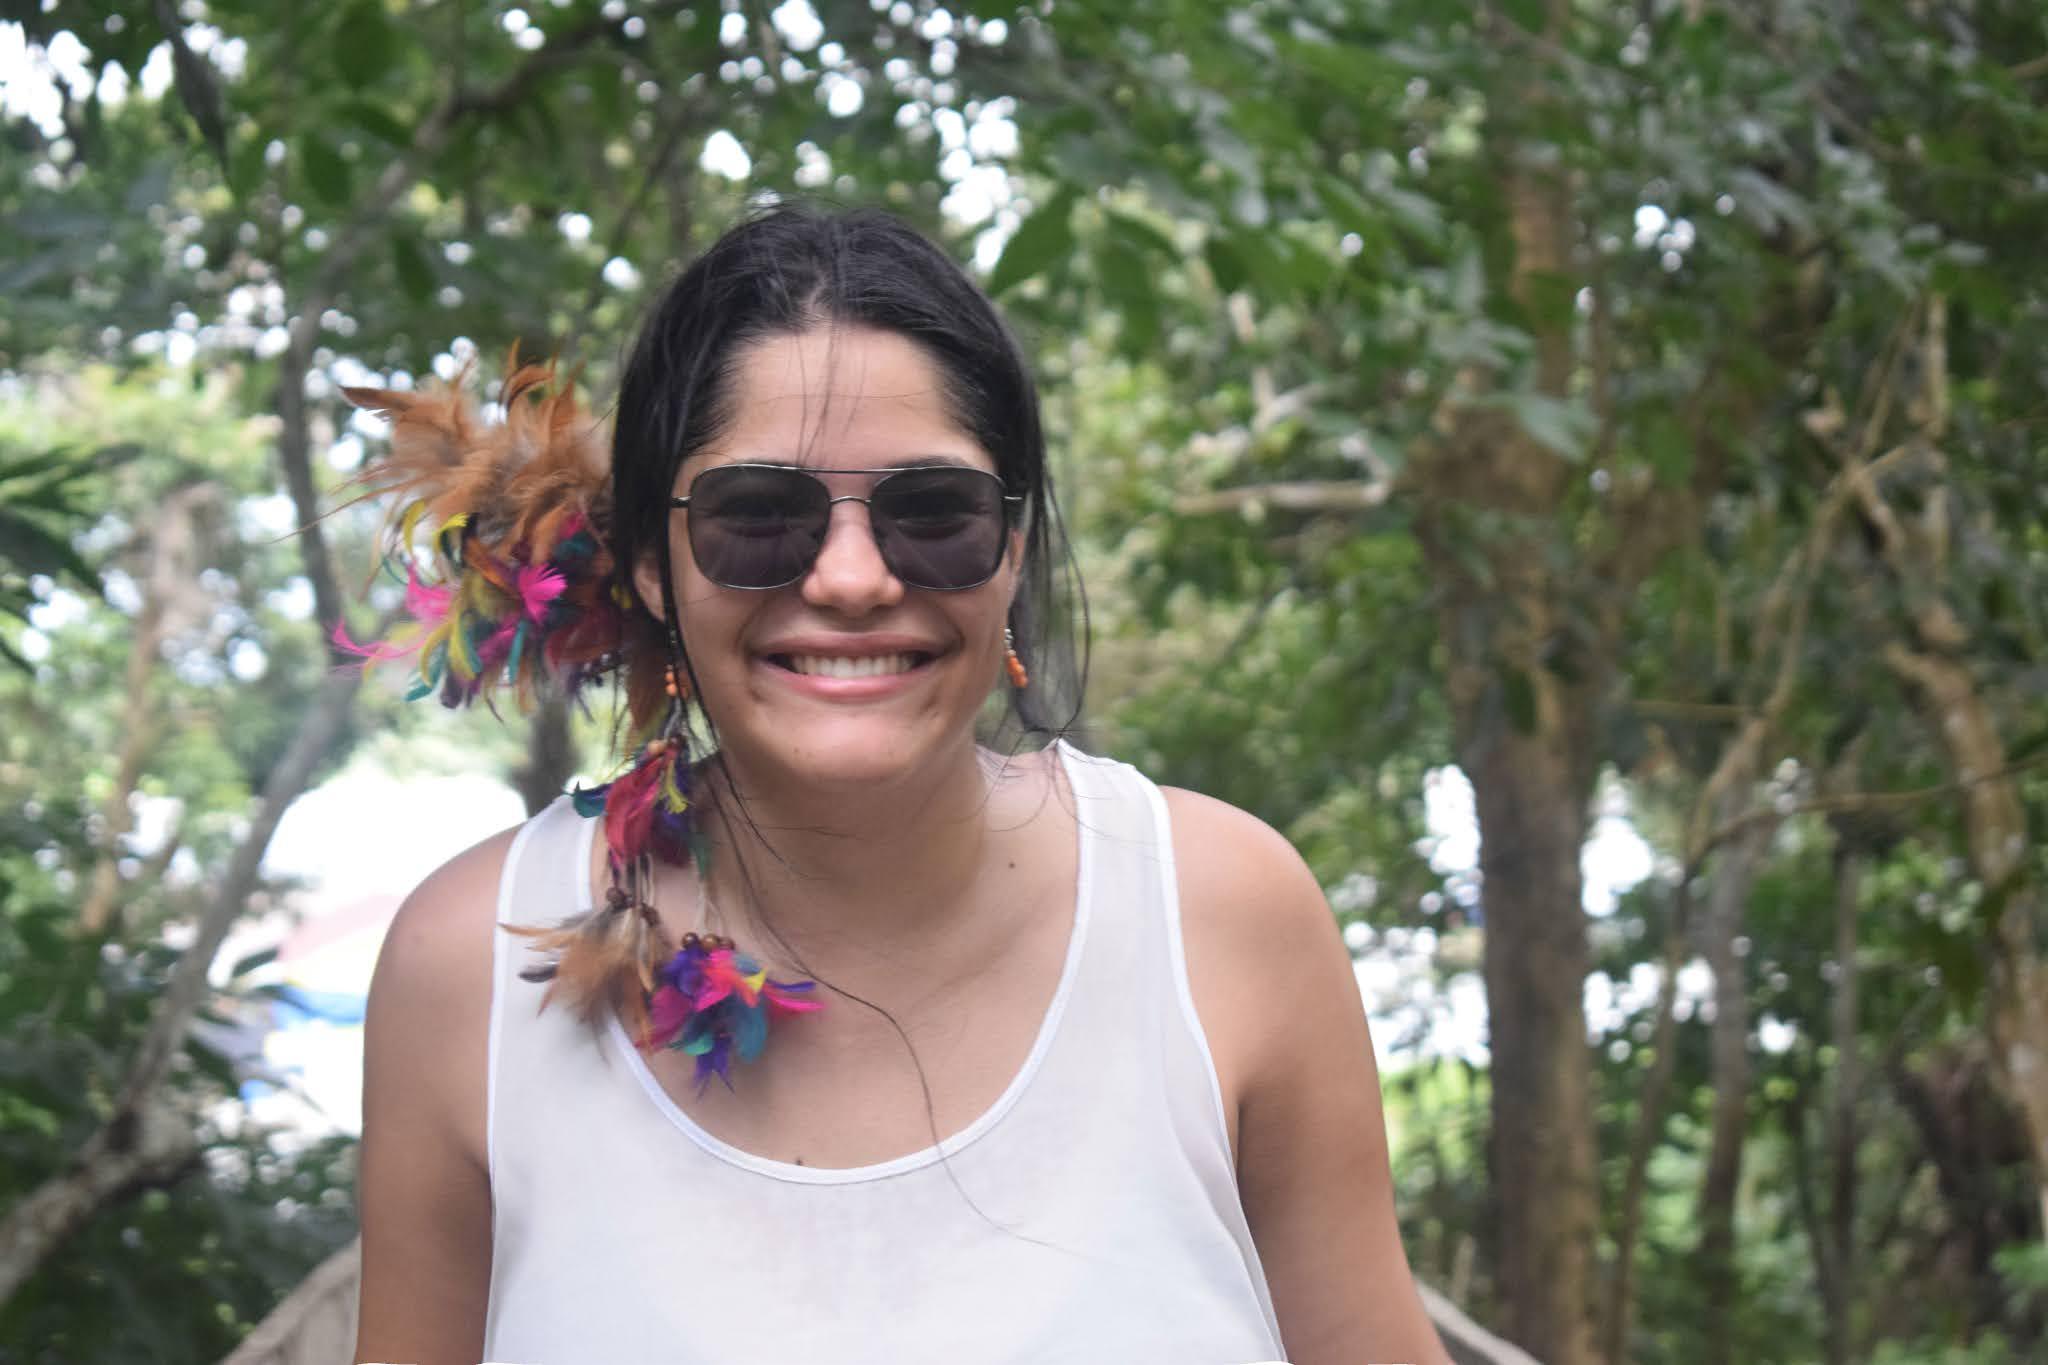 mulher no meio da floresta amazonica